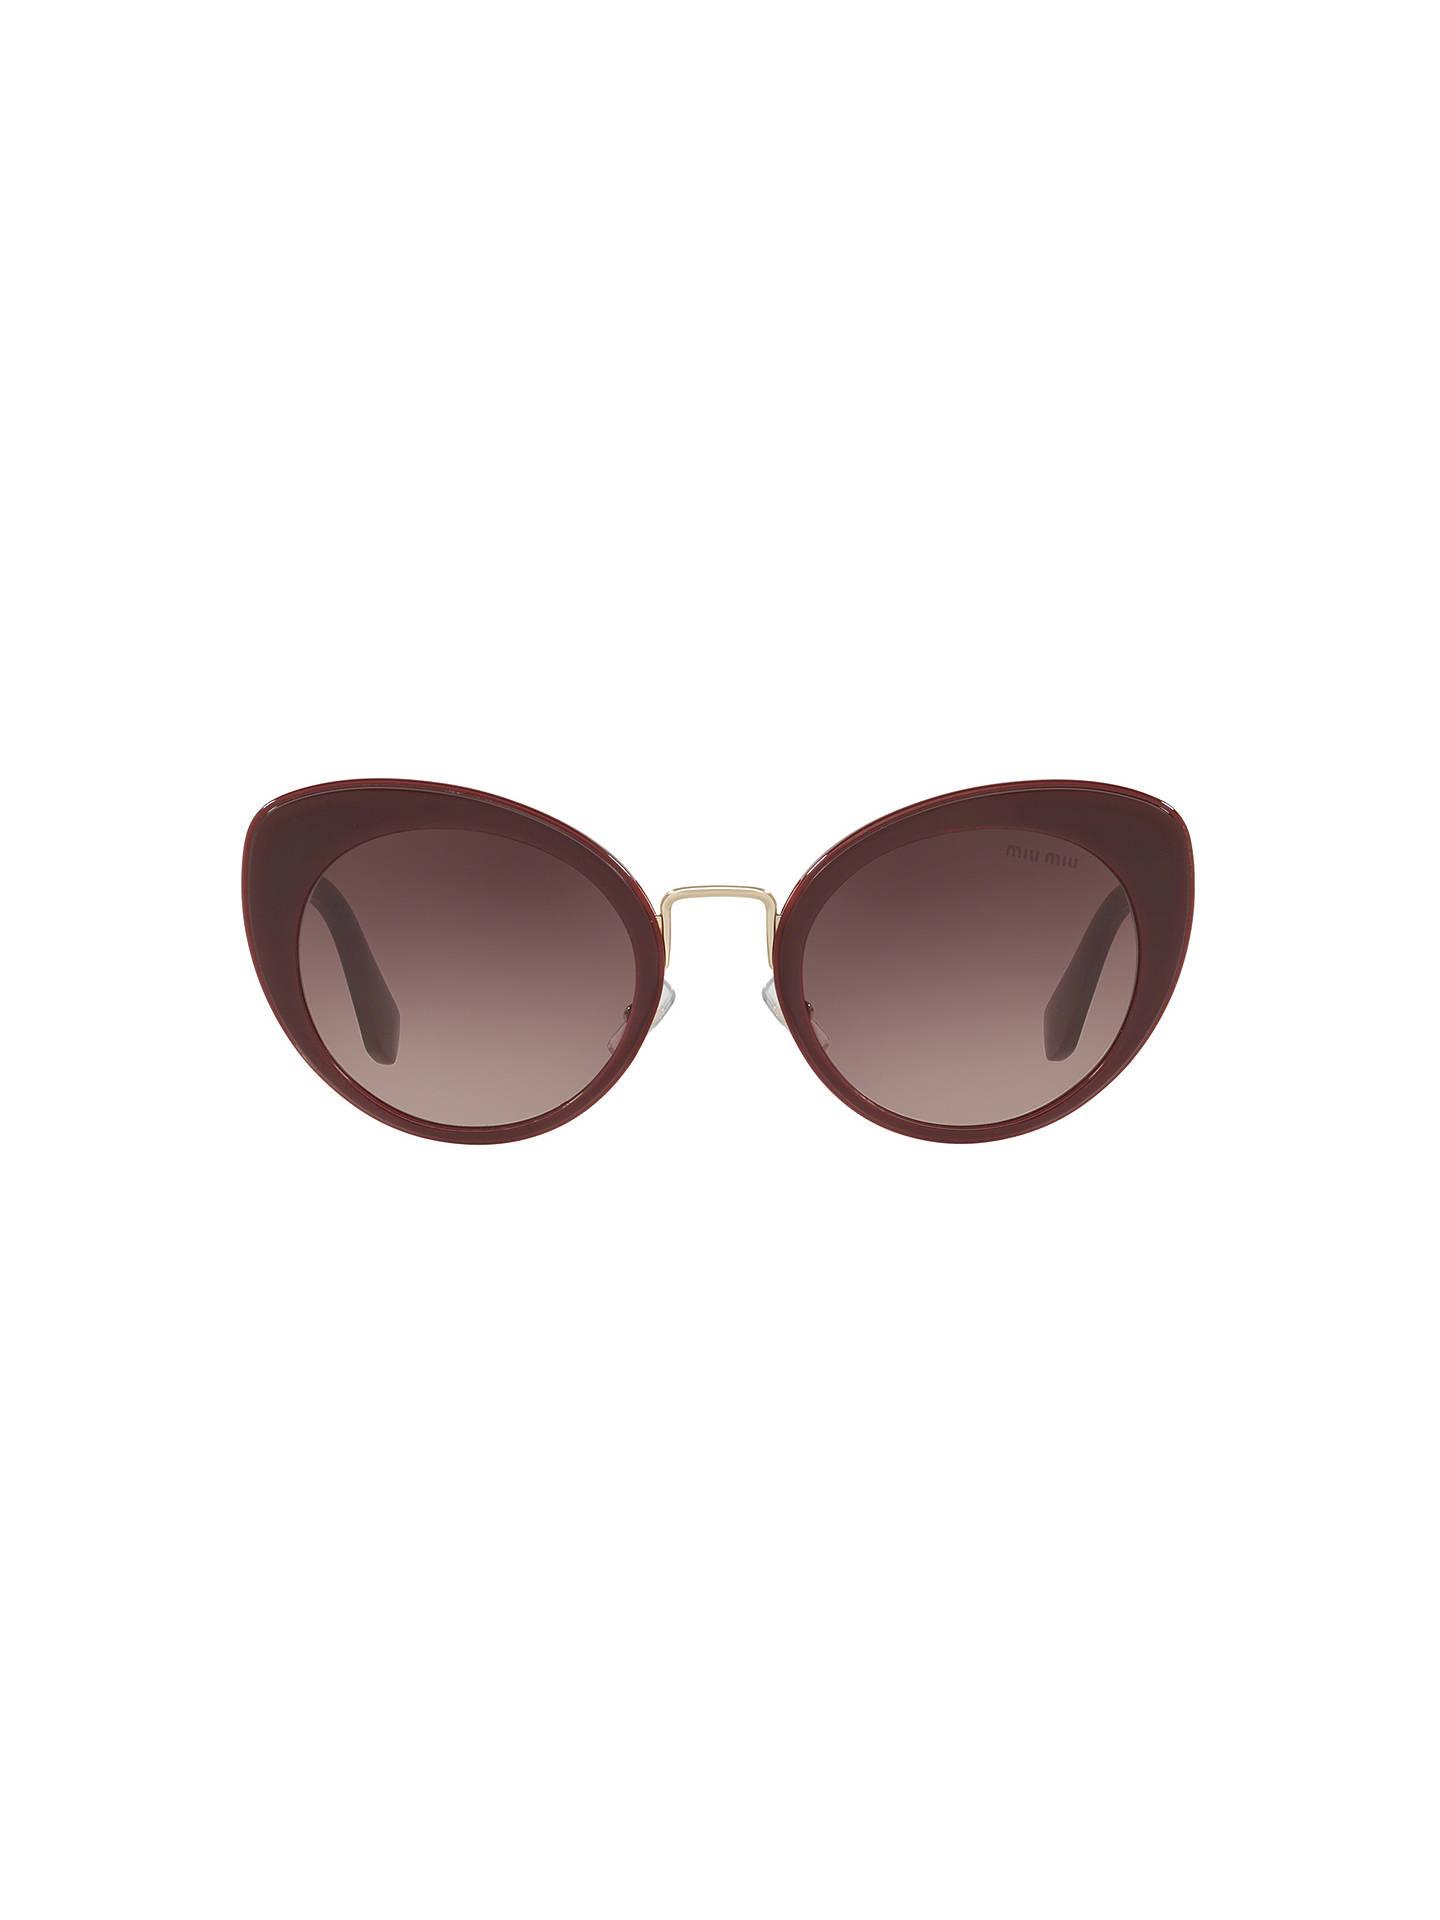 cebe3138658 ... Buy Miu Miu MU 06TS Women s Cat s Eye Sunglasses